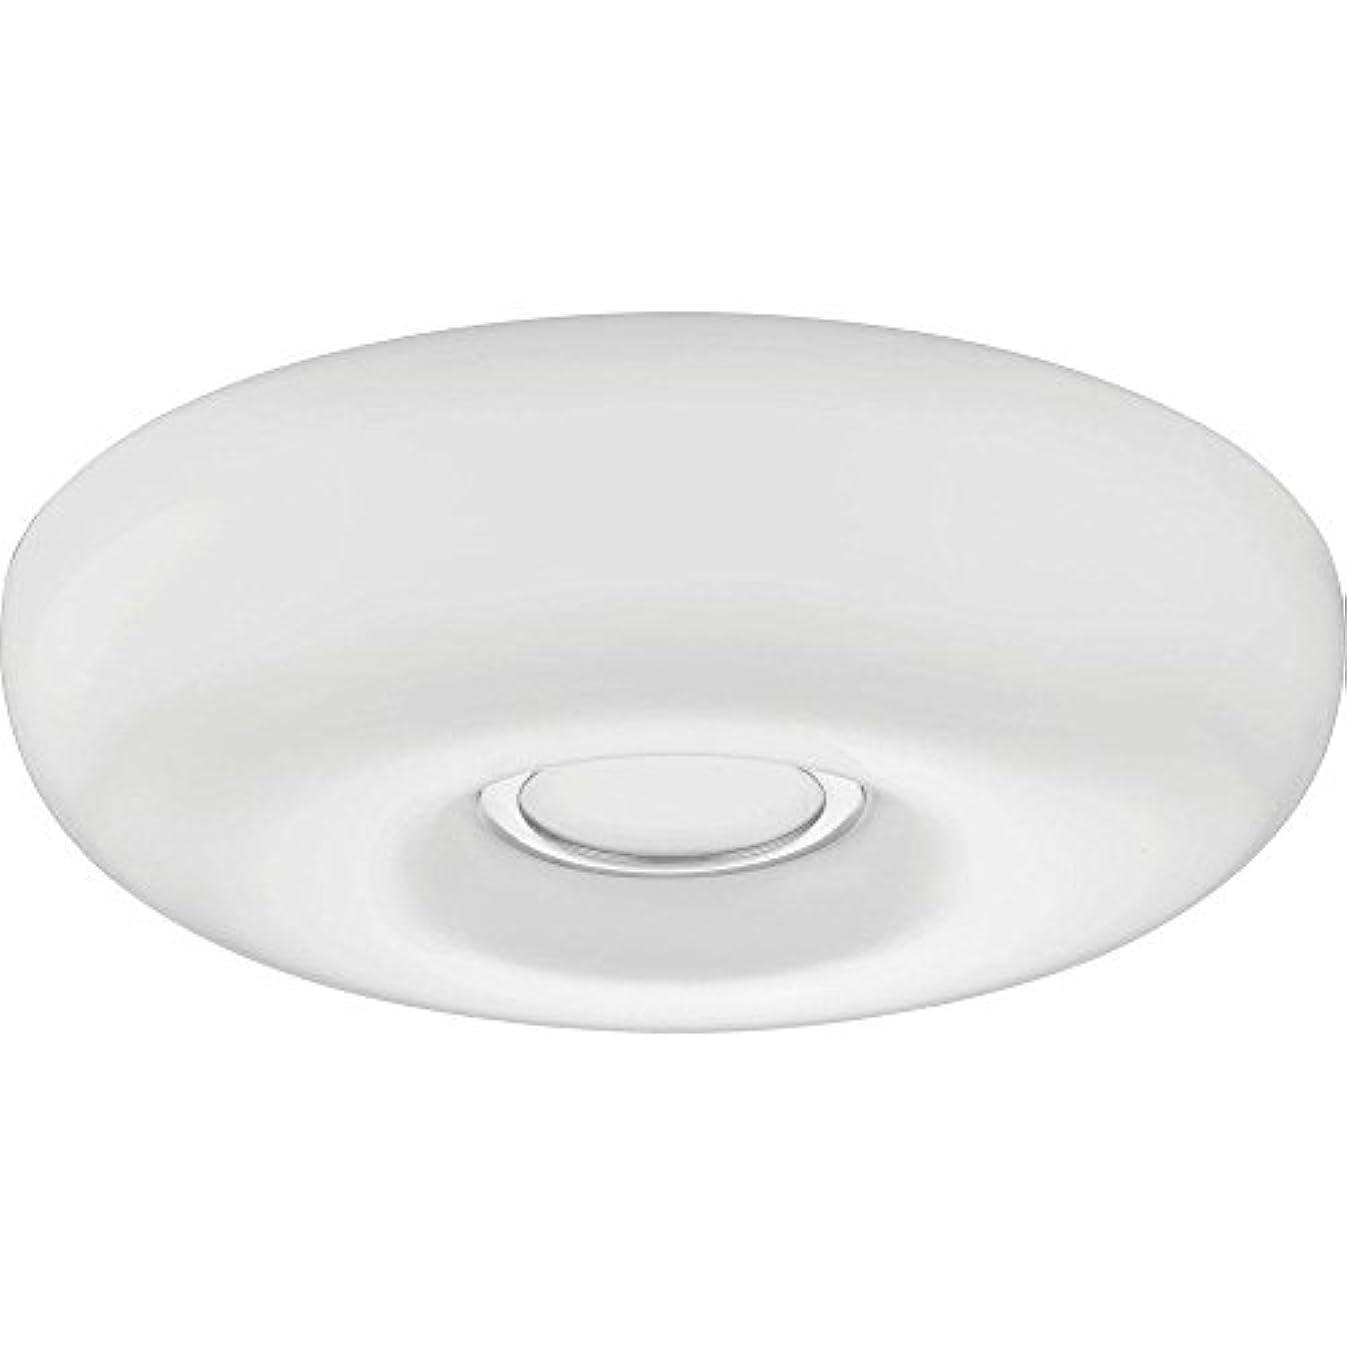 必須テレビ盆地Lithonia Lighting DFMKMRL 14 M4 Replacement Diffuser, 14', White [並行輸入品]